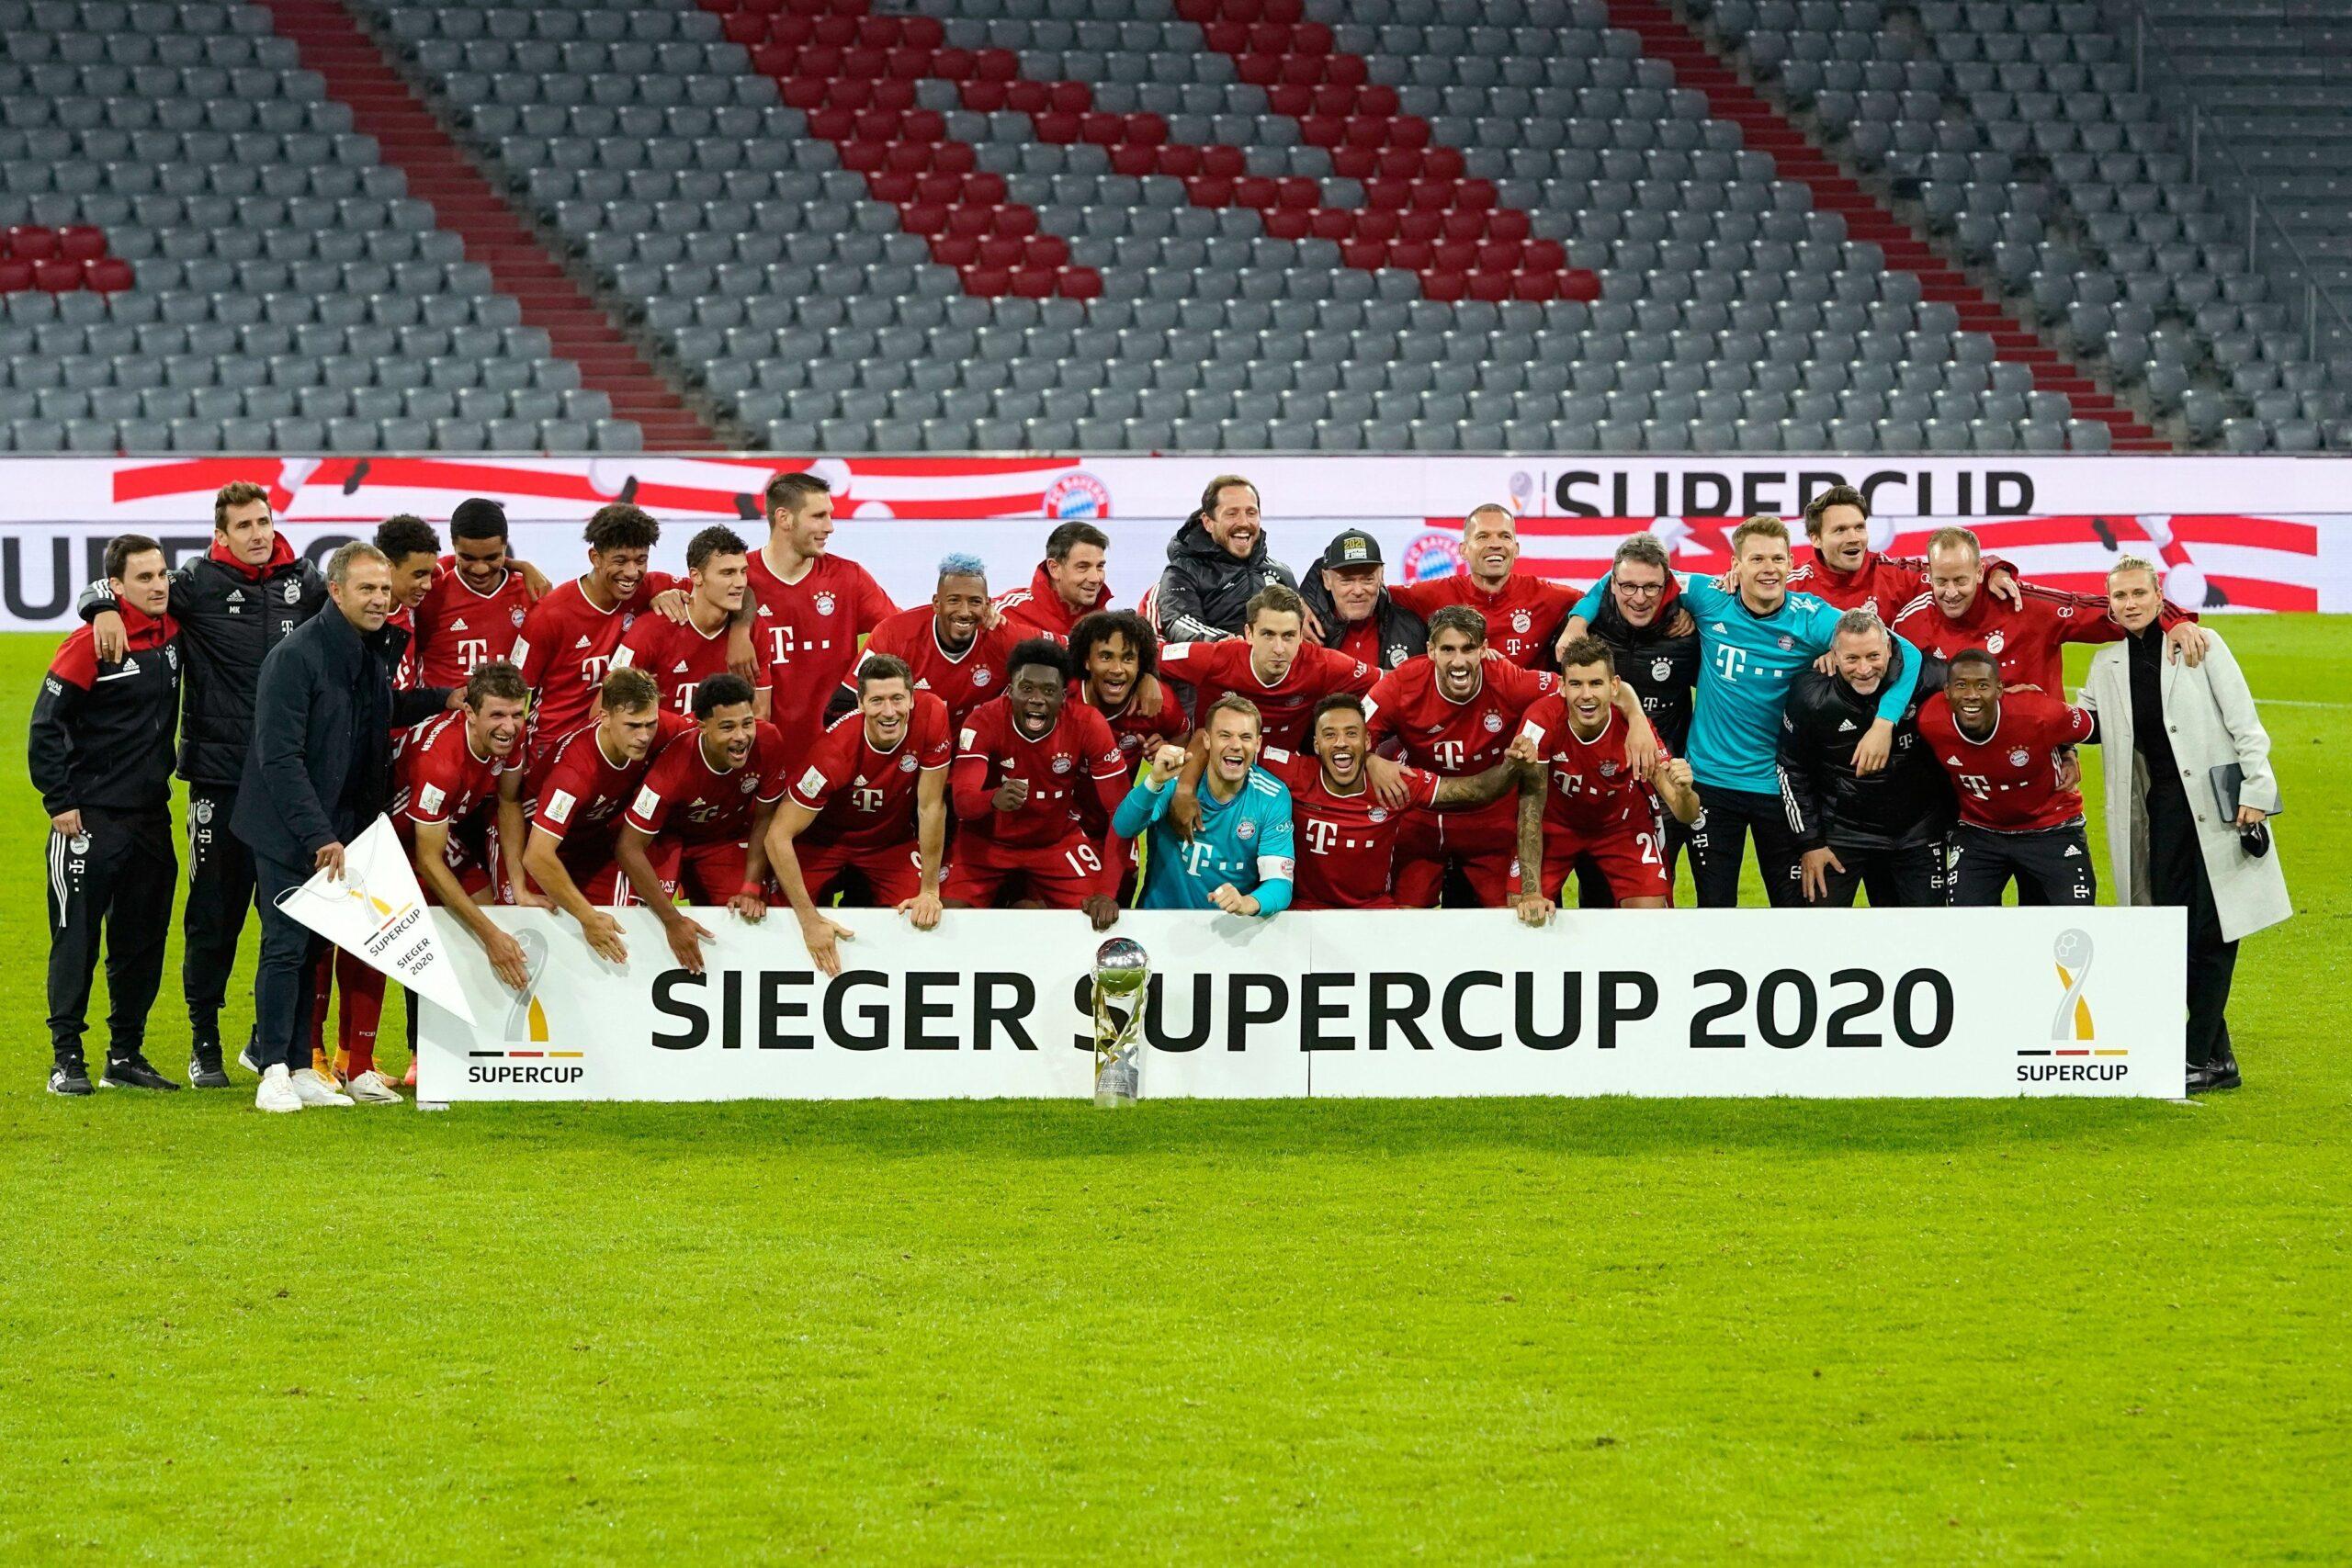 Els jugadors del Bayern celebren la Supercopa d'Alemanya | @FCBayern